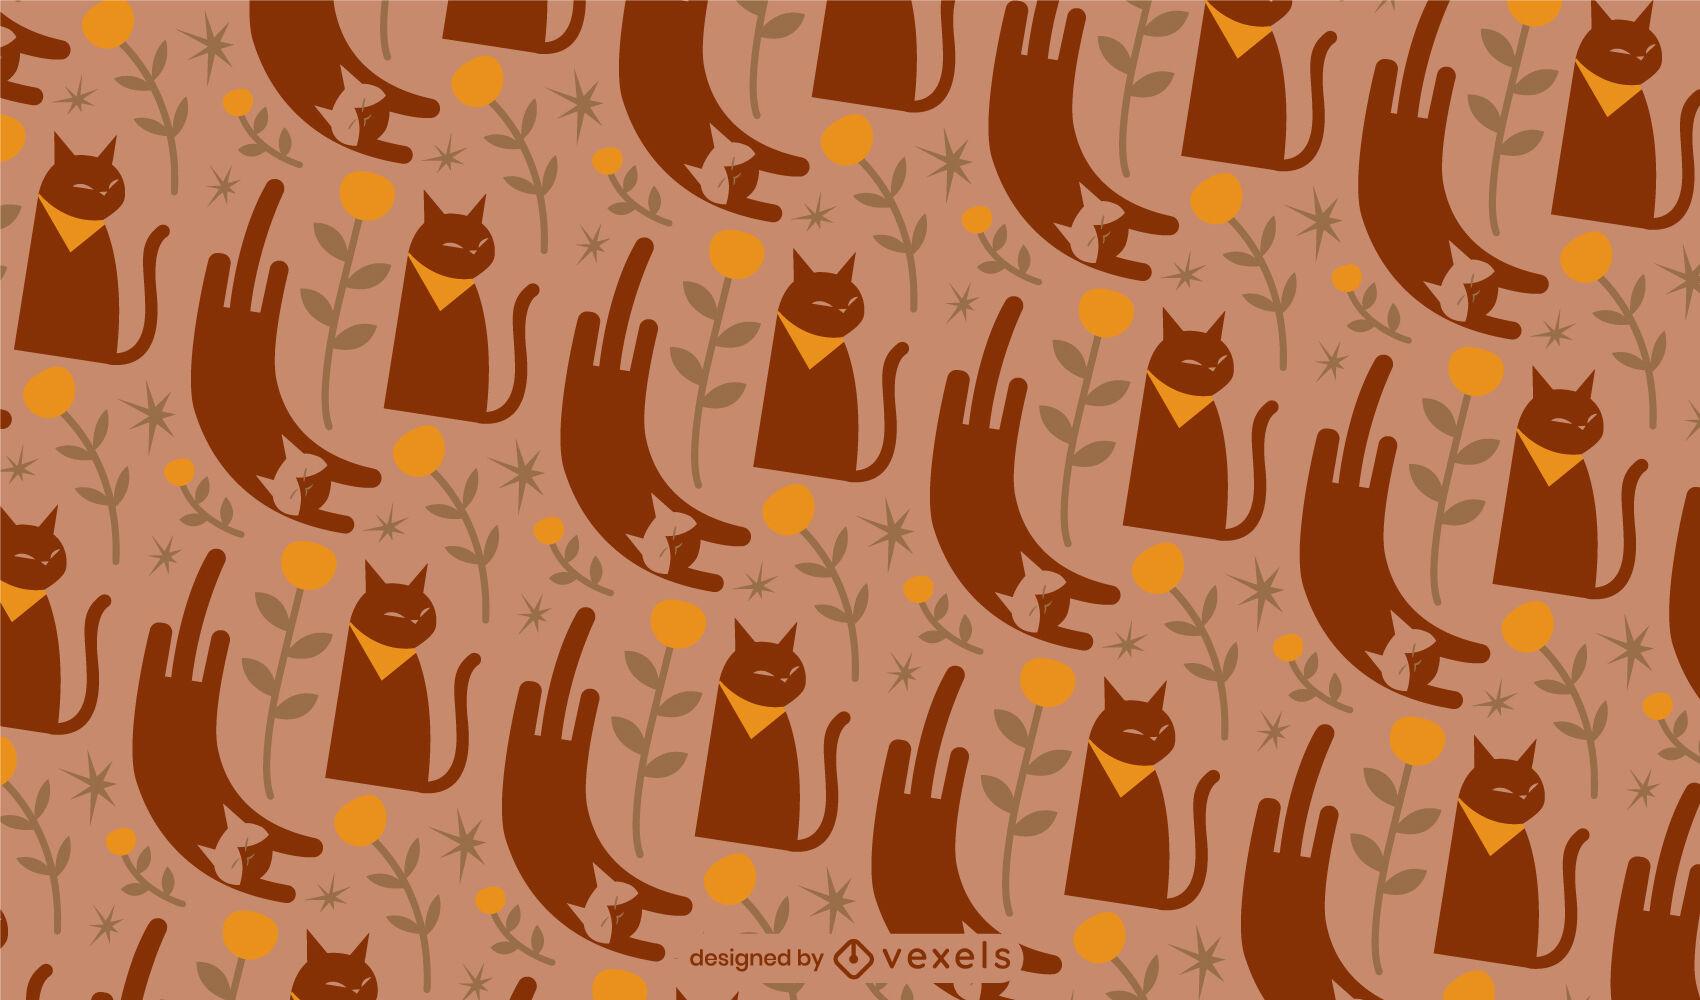 Katzen braun und flaches Muster